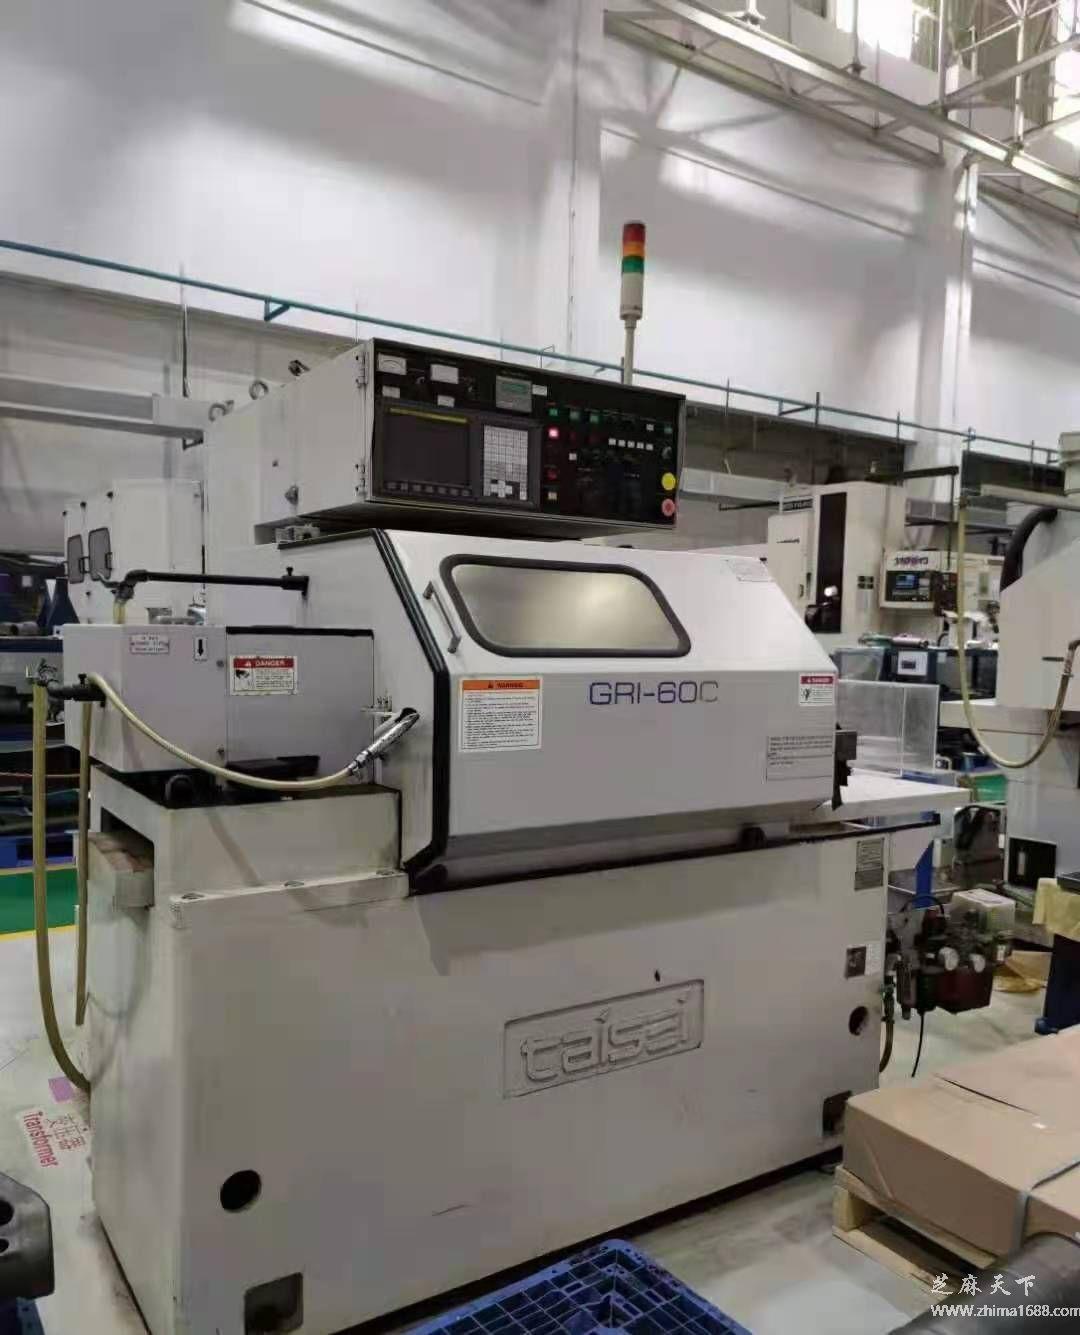 二手新日本工机GPI-60C数控内圆磨床